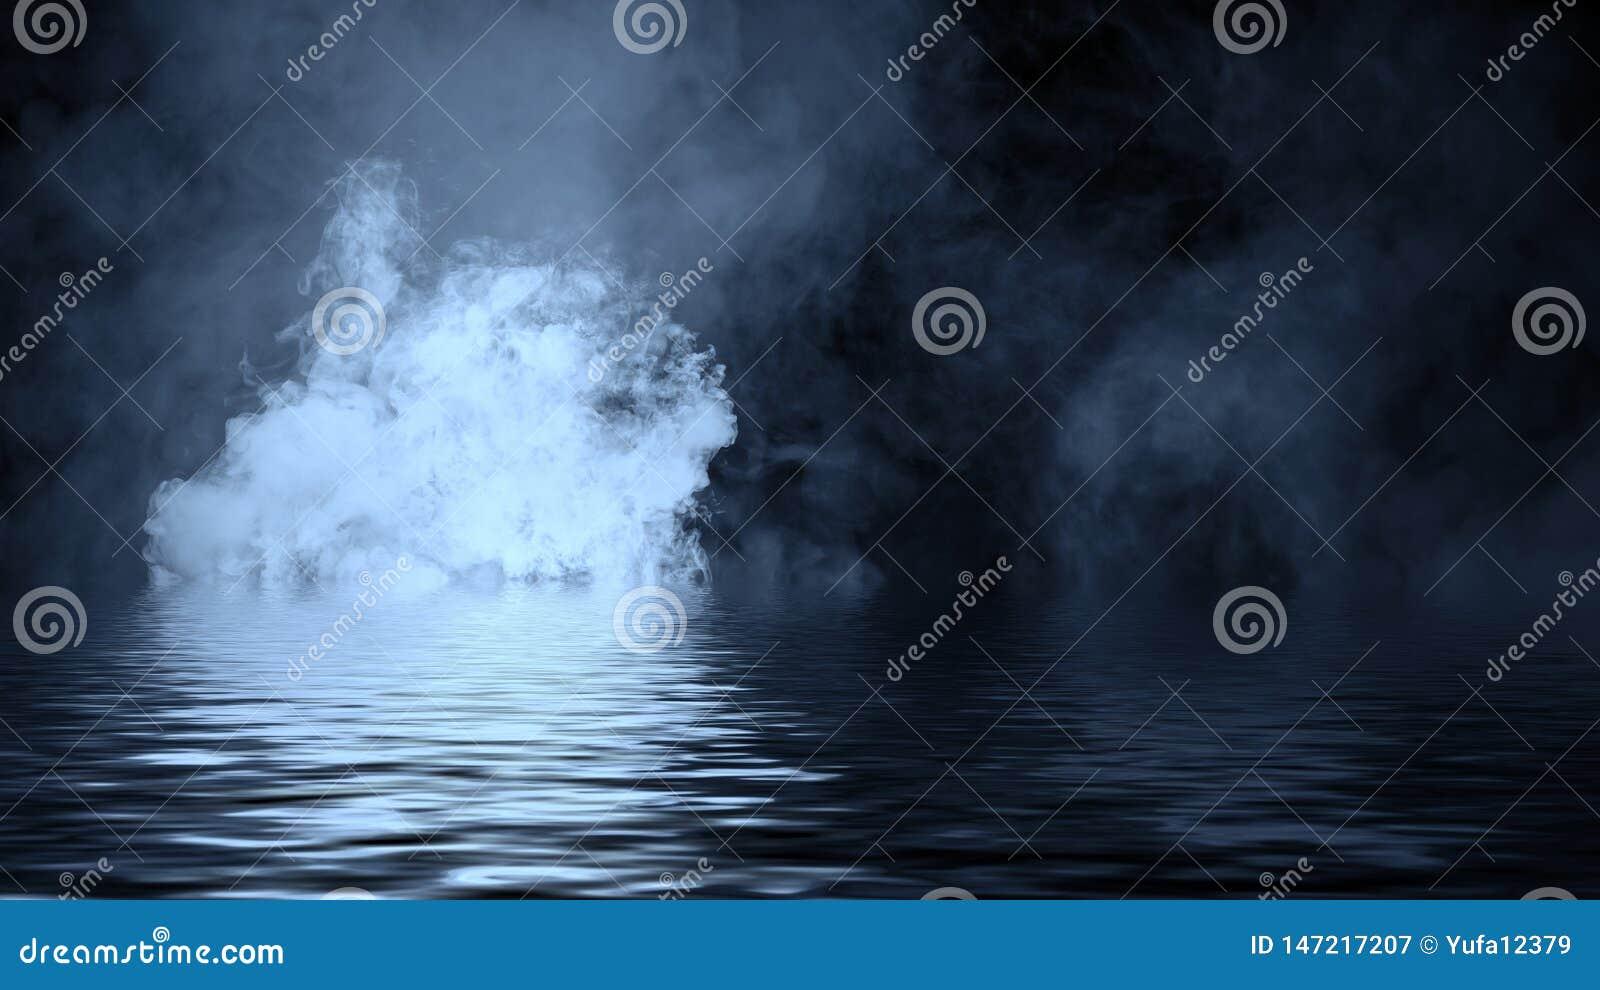 Humo azul con la reflexi?n en agua La textura de la niebla del misterio sobrepone el fondo